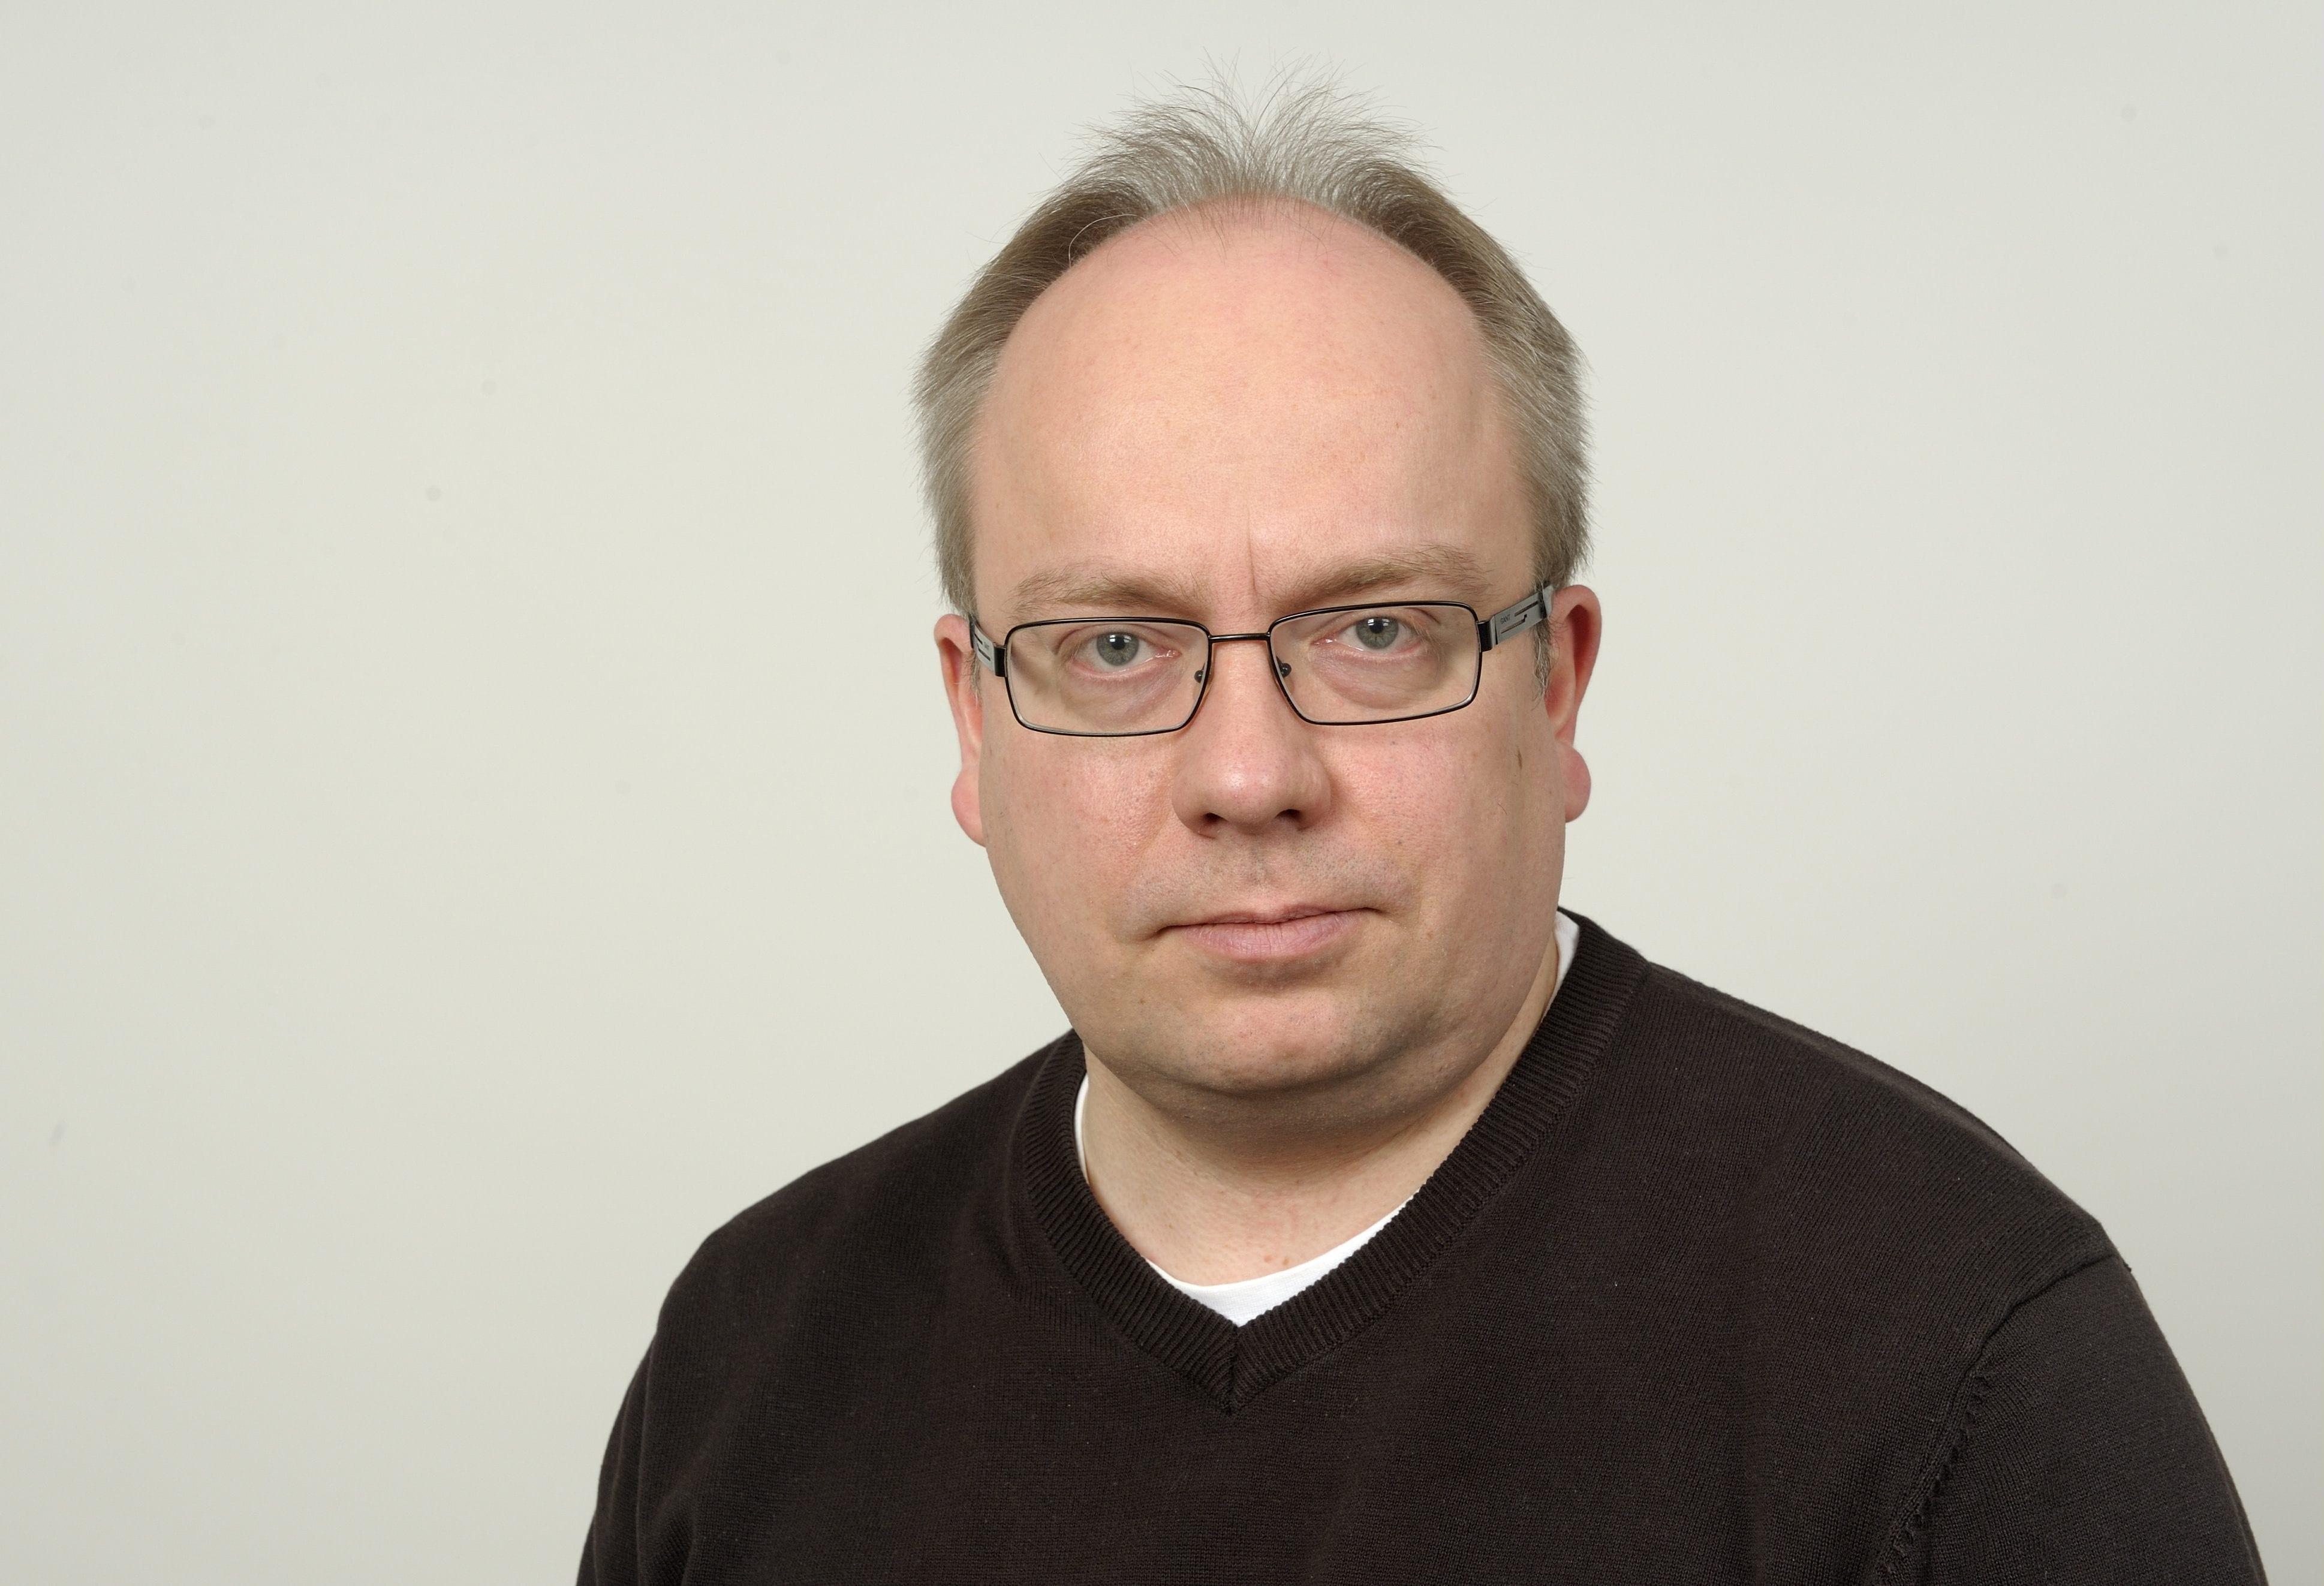 STT-Lehtikuvan toimittaja Janne Linnovaara Helsingissä 10. tammikuuta 2013. LEHTIKUVA / PEKKA SAKKI